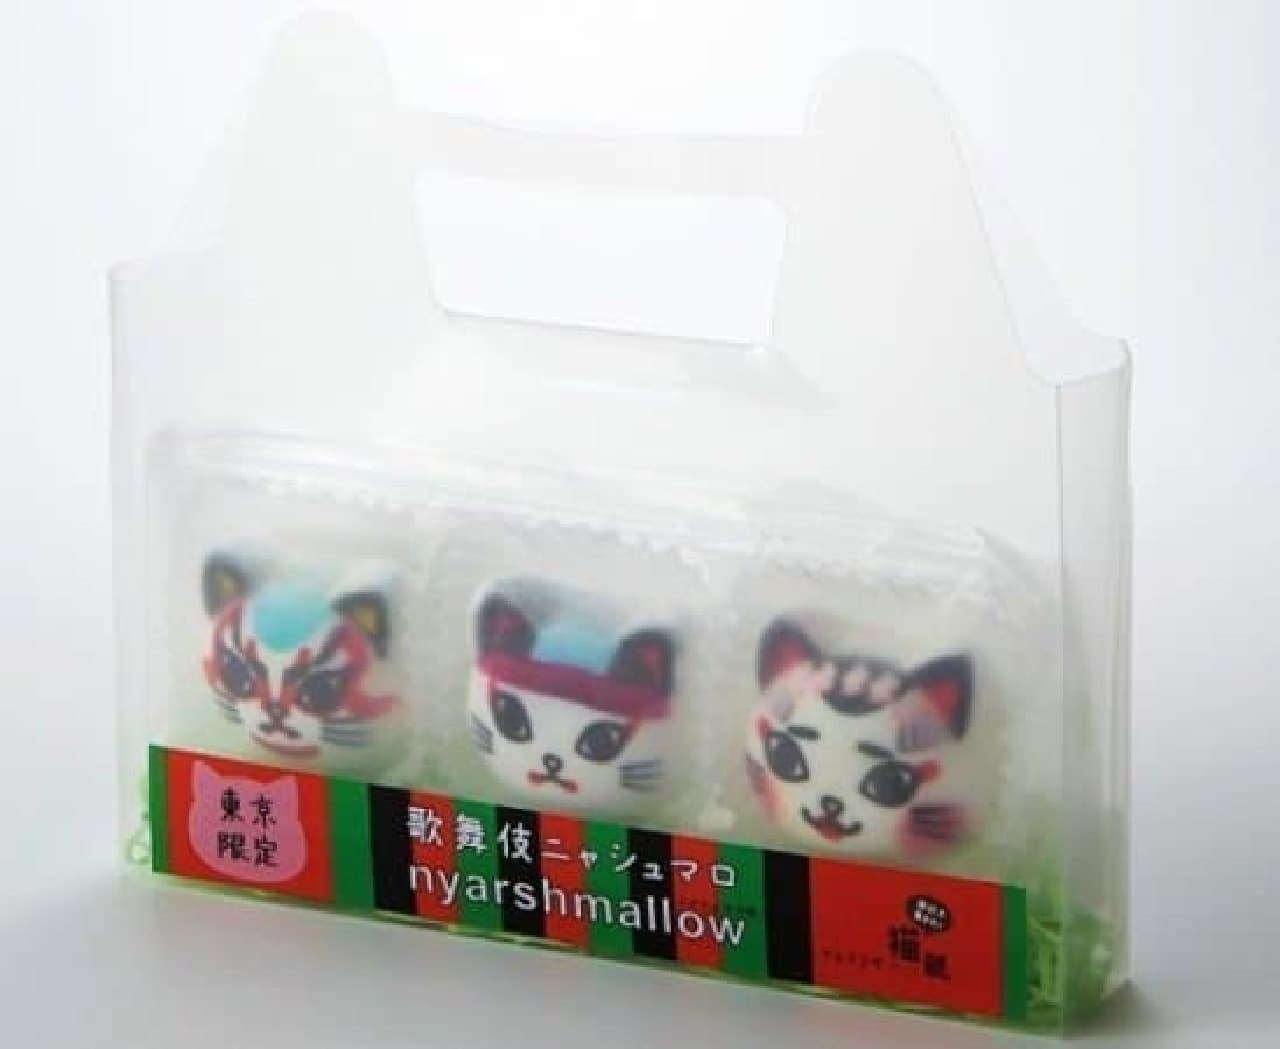 猫たちが歌舞伎の登場人物になった「歌・舞・伎ニャシュマロ」